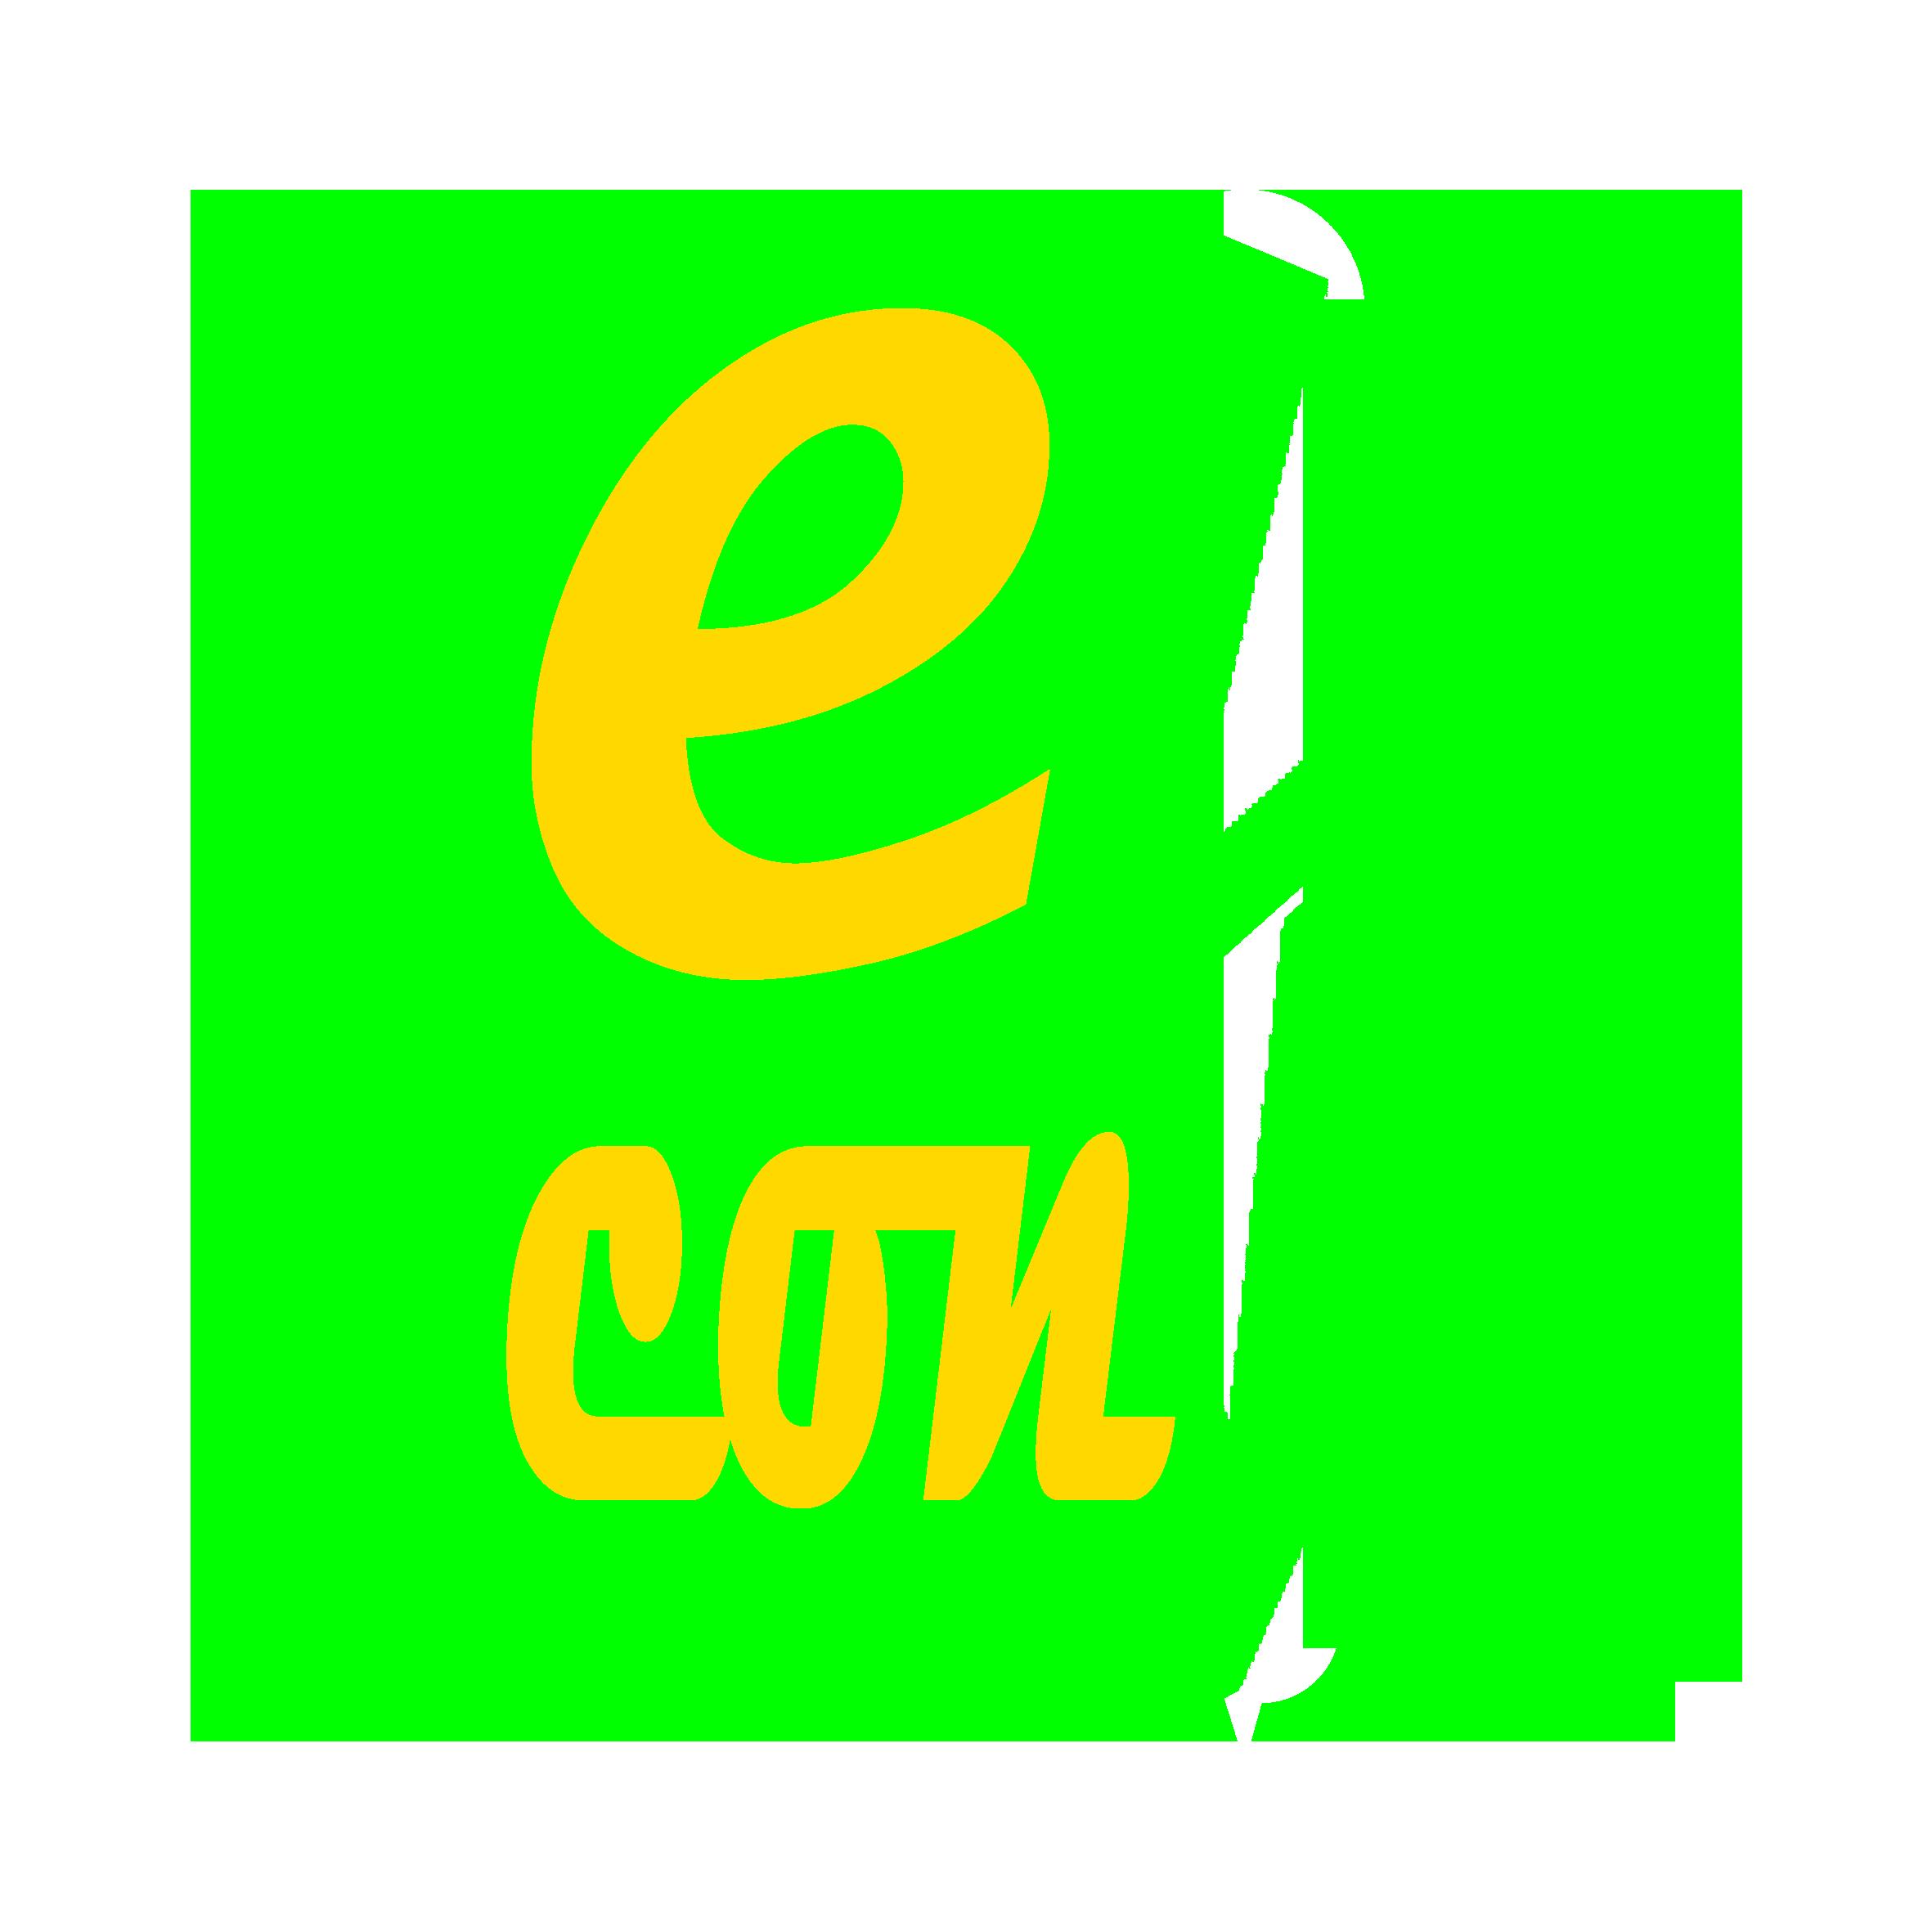 EL-CON Group